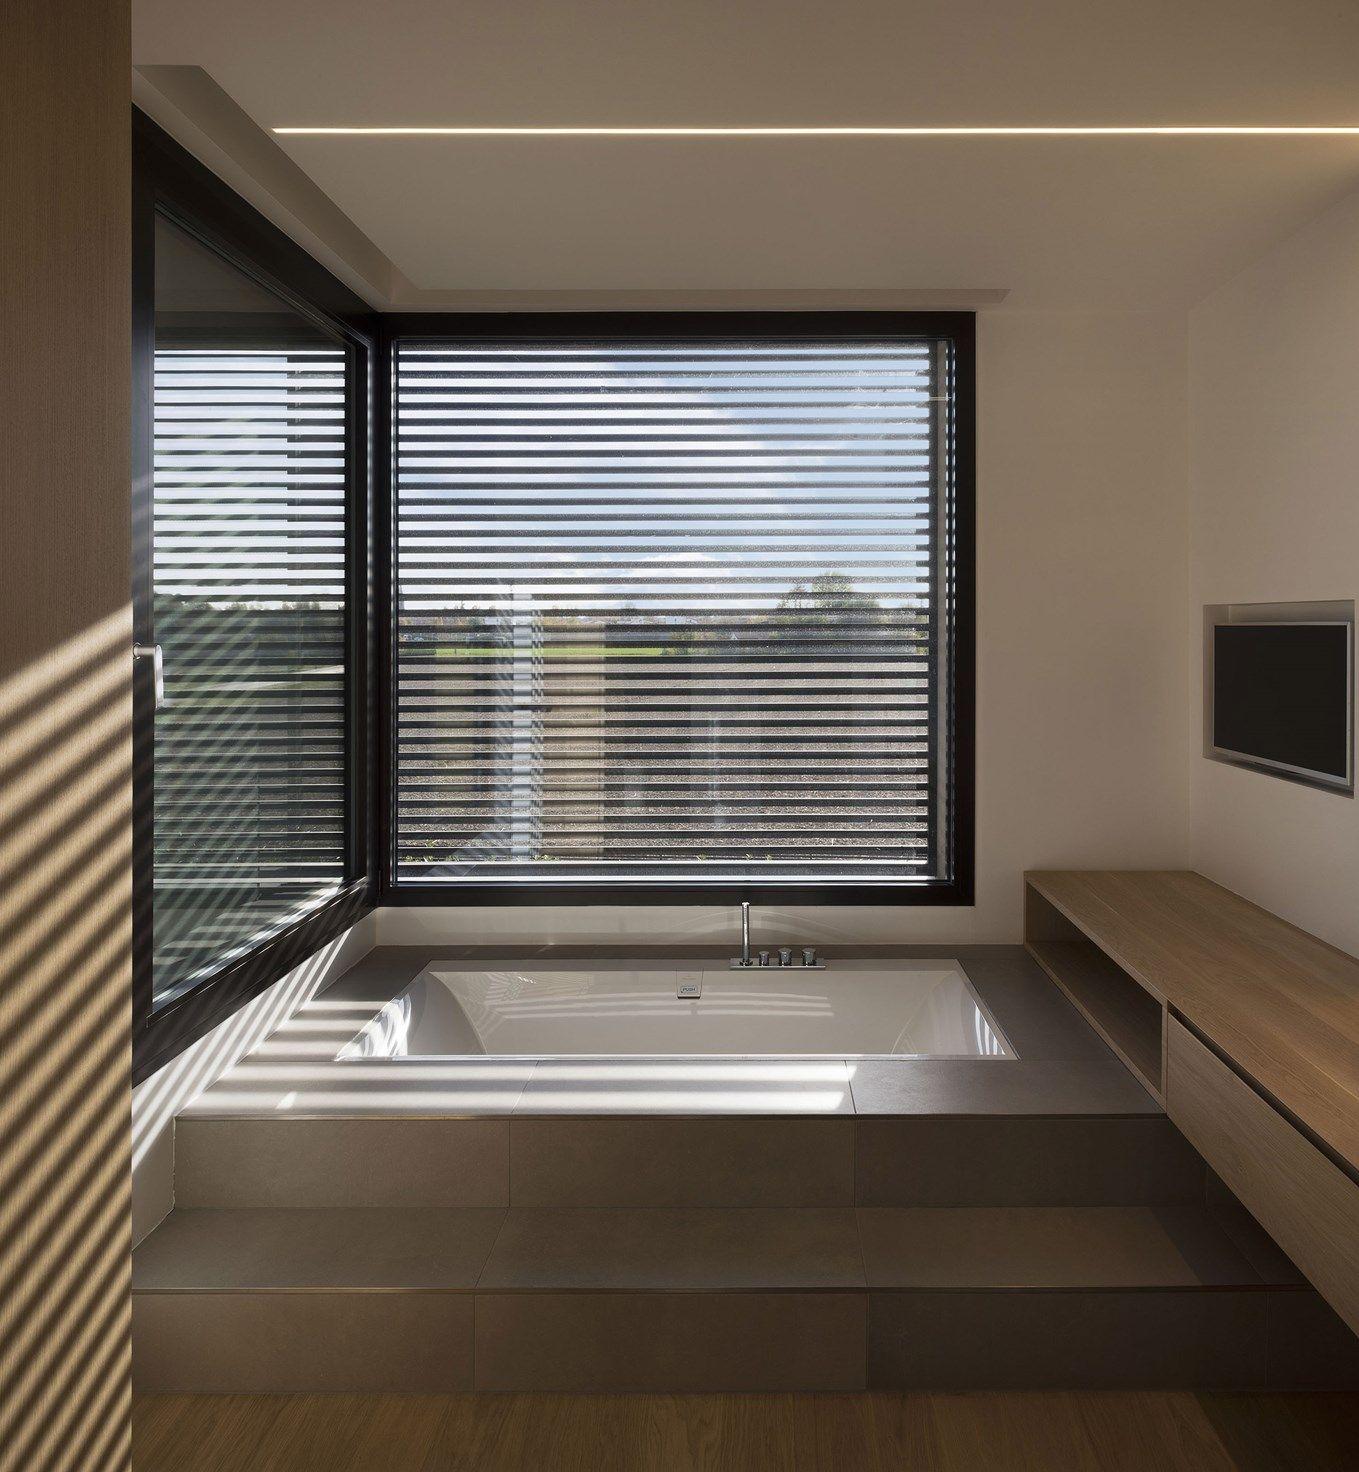 Ventilazione naturale e monitoraggio dell'aria indoor: le tecnologie Schüco per un bagno sinonimo di benessere